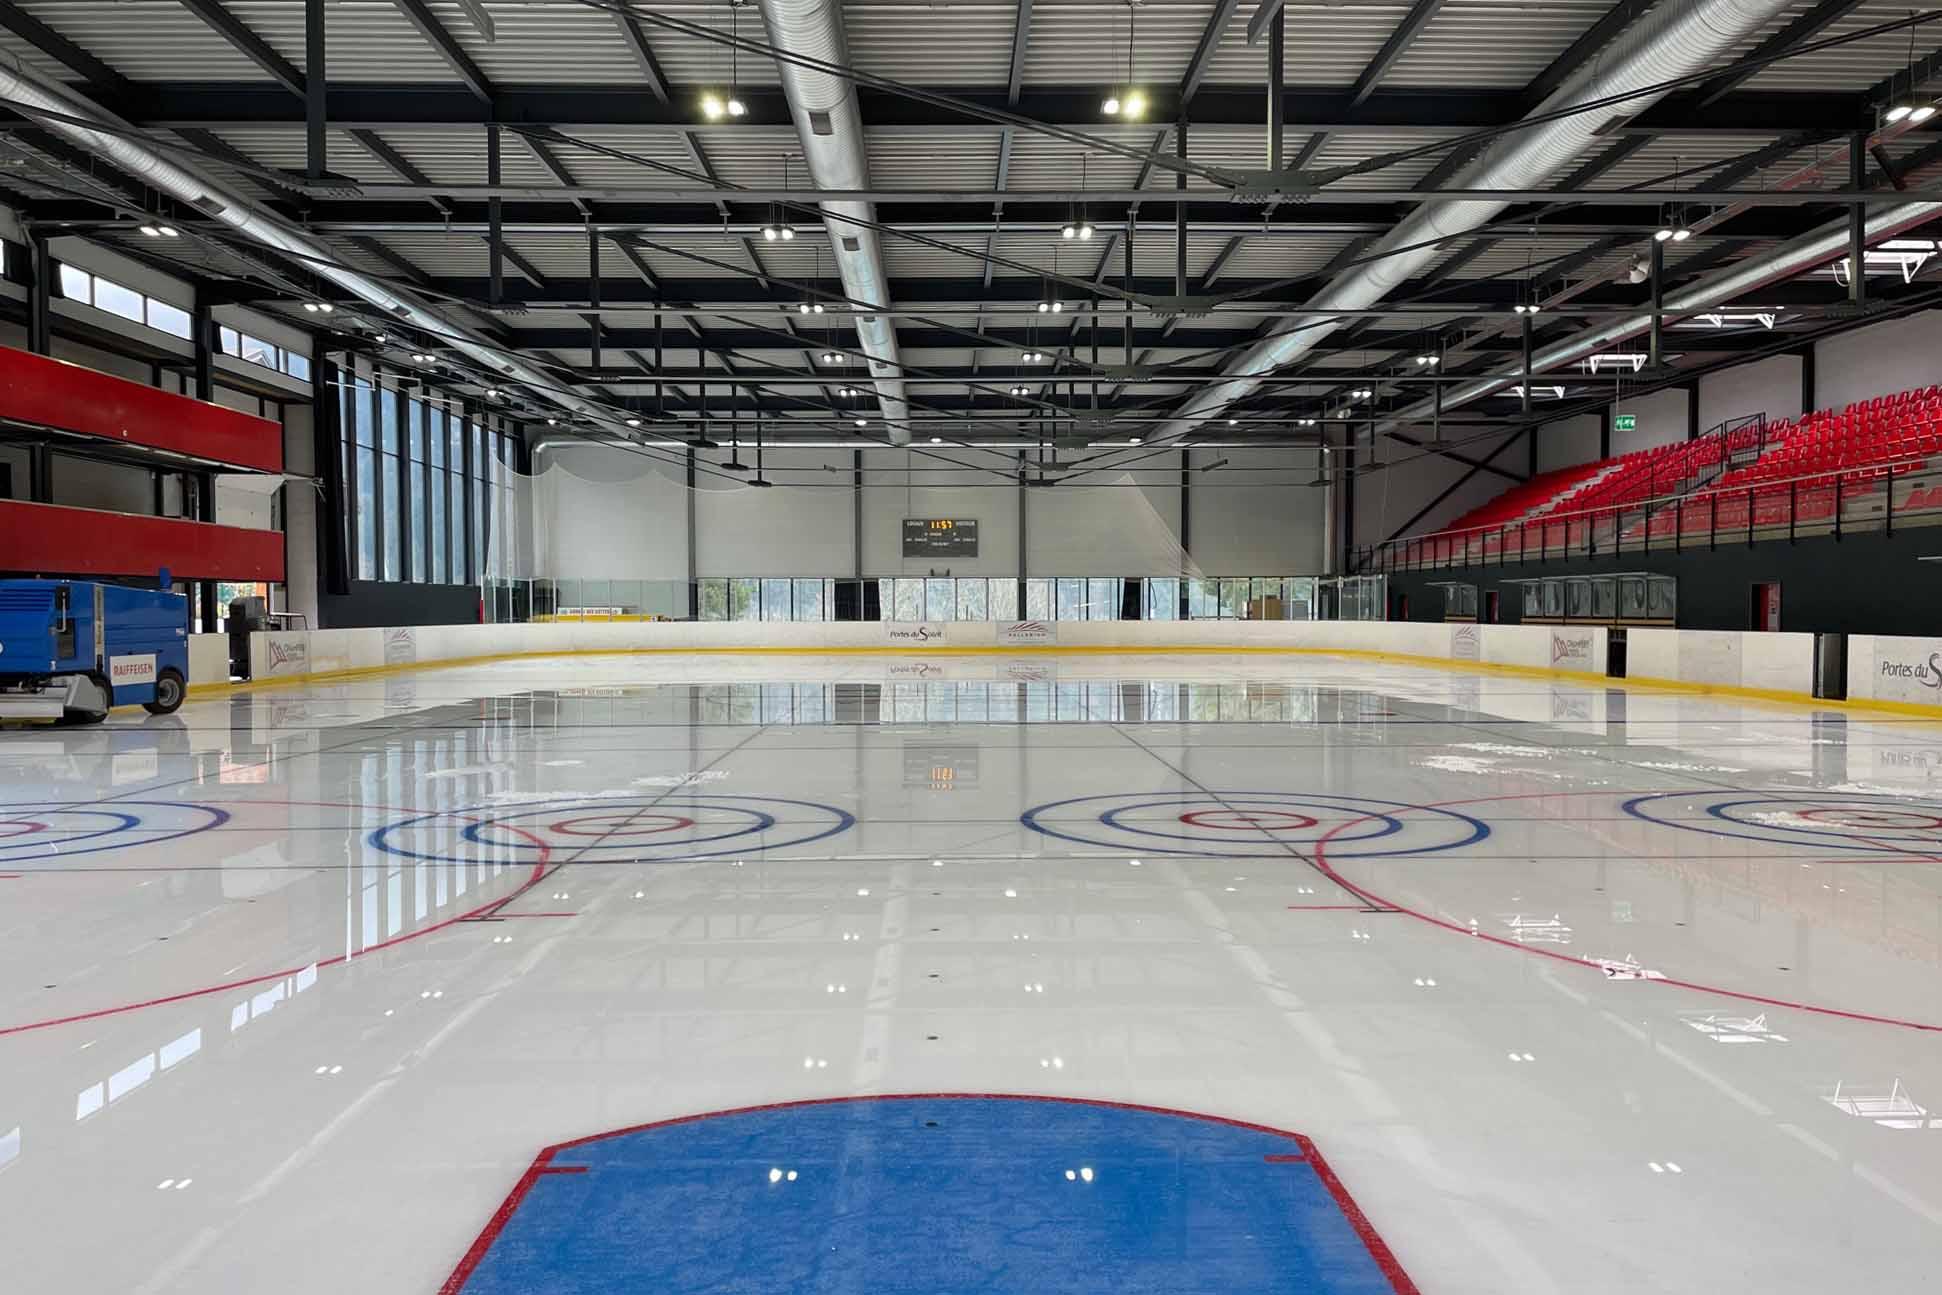 Bild des Eisfeldes in der Palladium Eishalle Champéry